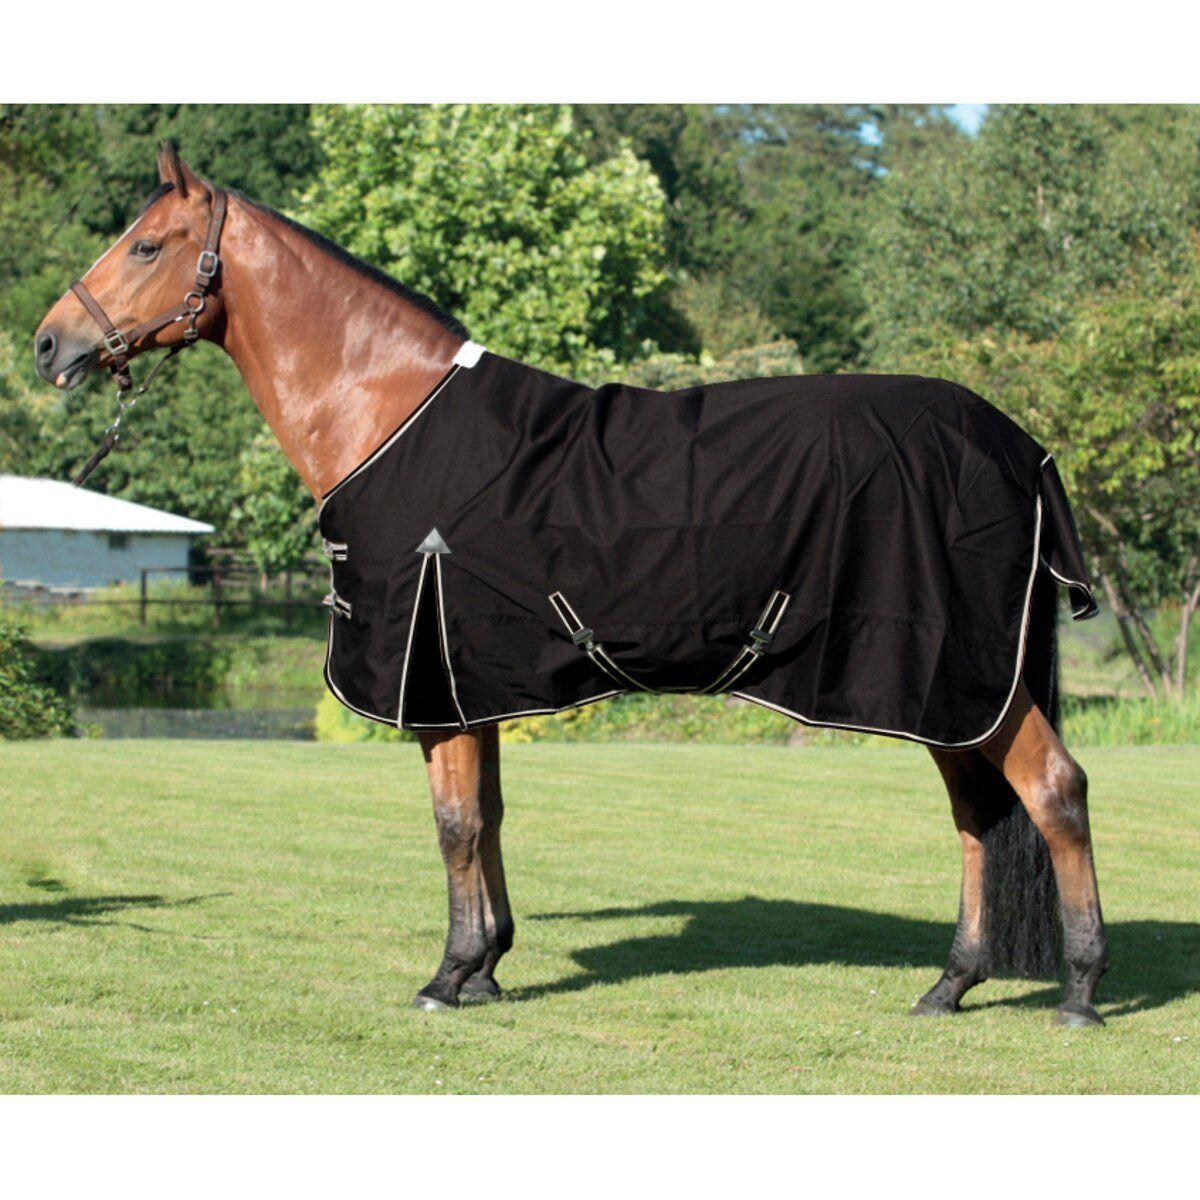 ELDORADO Coperta mezza stagione per cavalli, 150 g  Nero  165 cm da cavallo